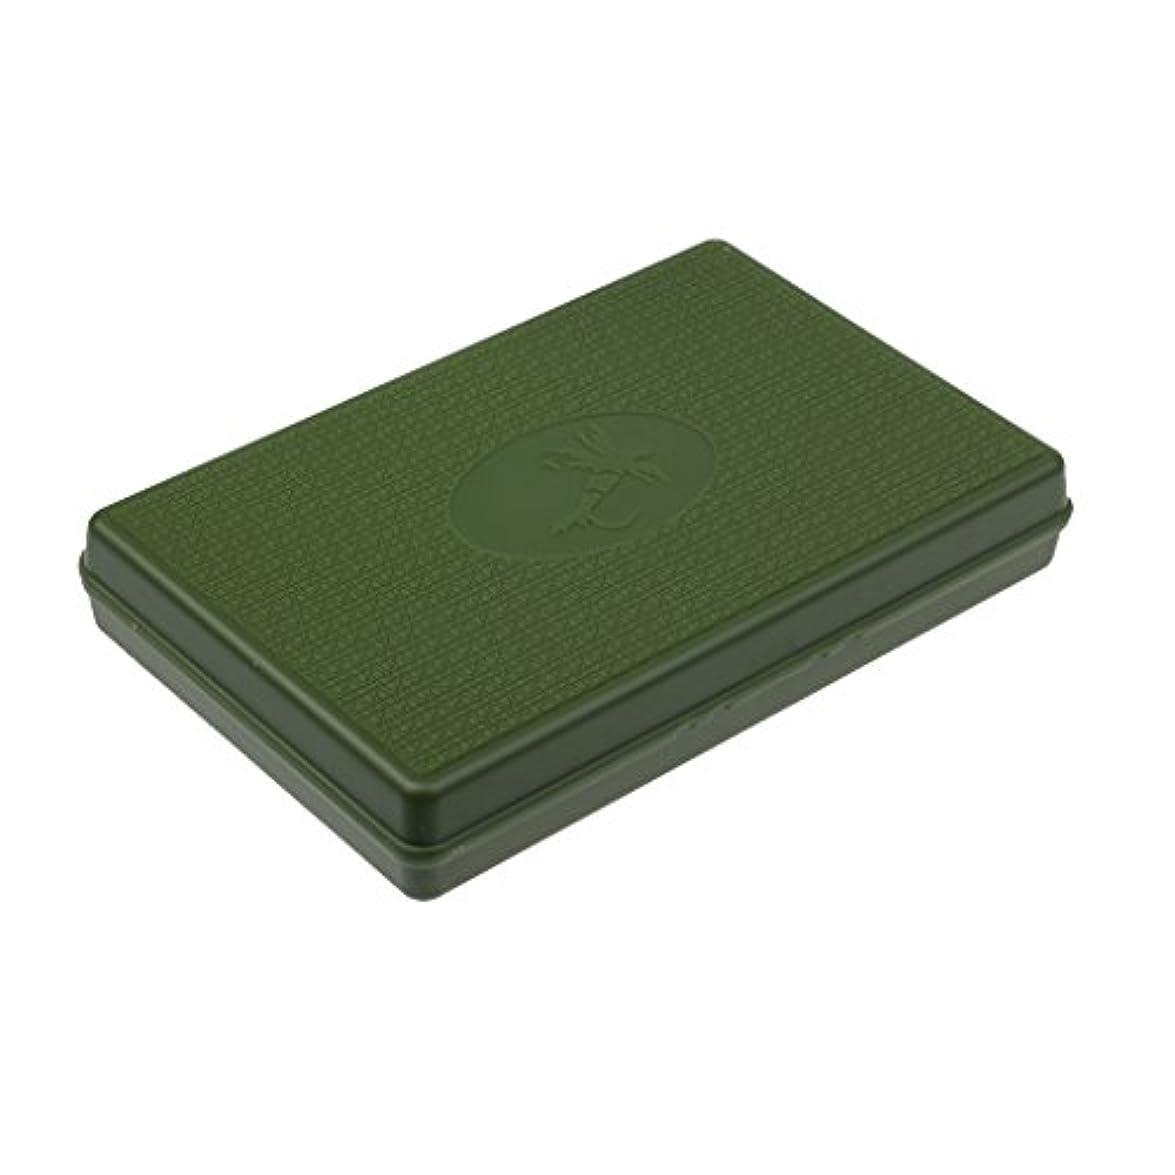 徹底的に埋め込む先行するLovoski スリム   釣りルアーボックス  フライフィッシングボックス  マイクロスロット   フォーム インサート  ドライフライボックス  5色選べる - グリーン